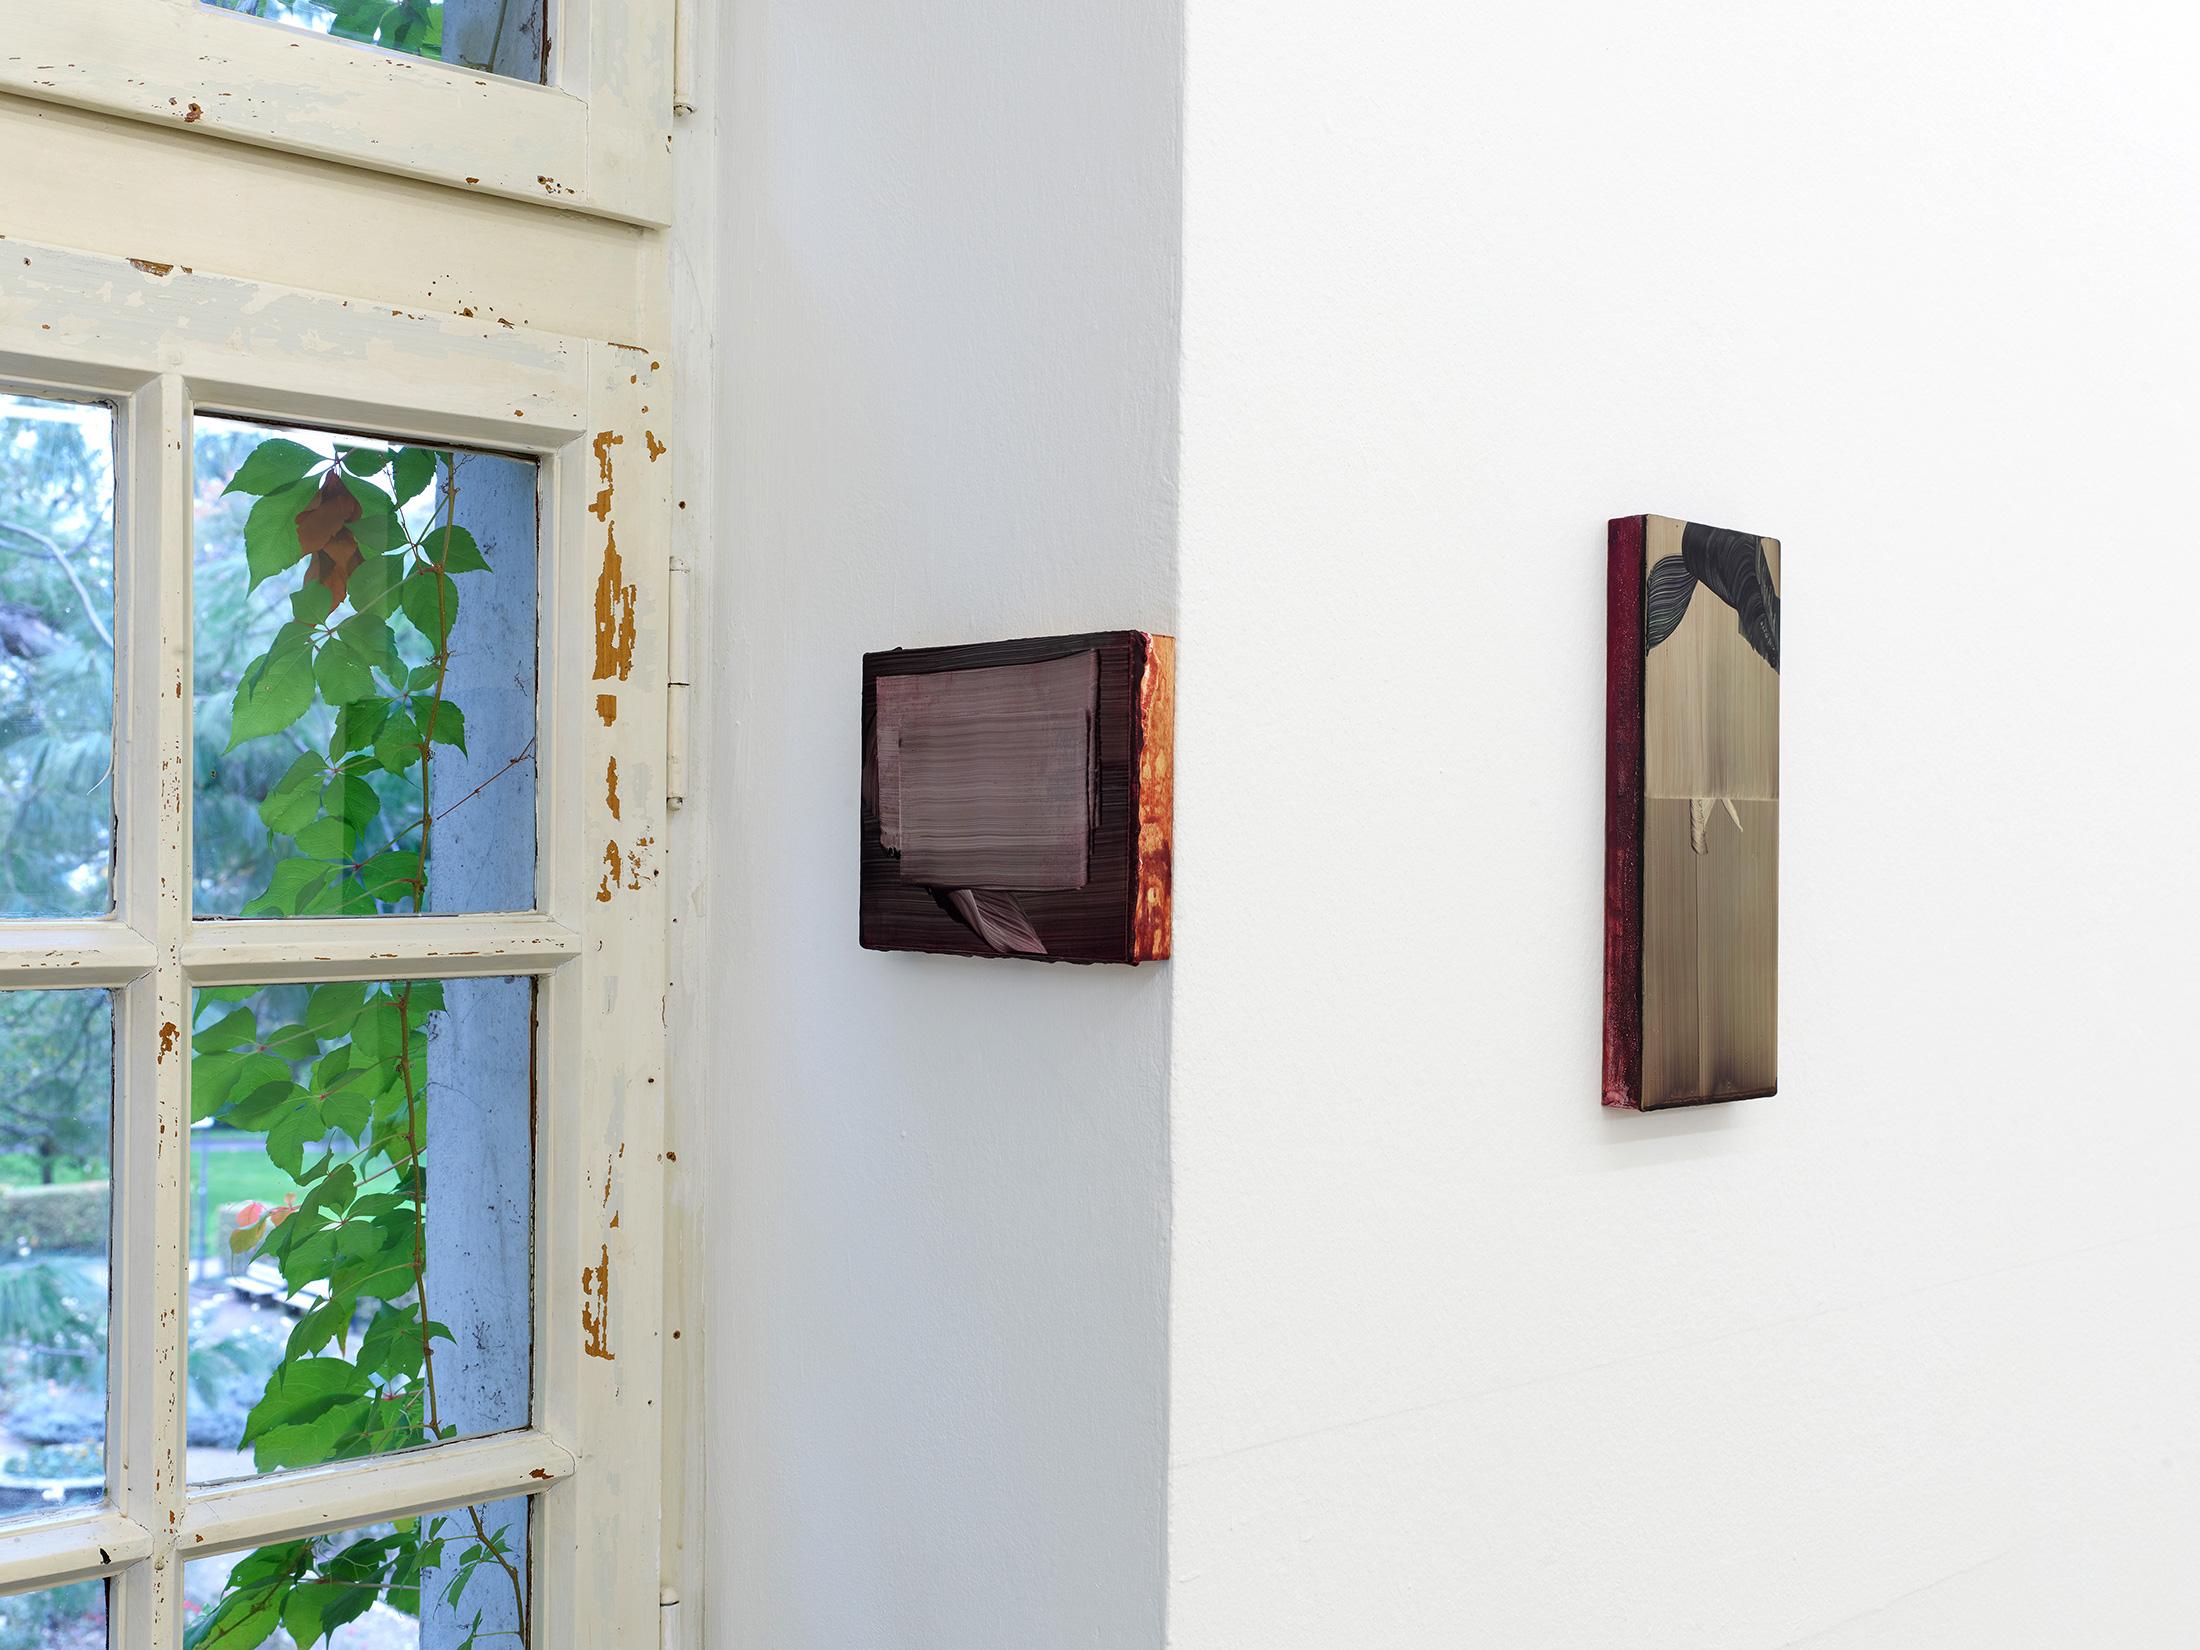 viewing room, neuer aachener kunstverein